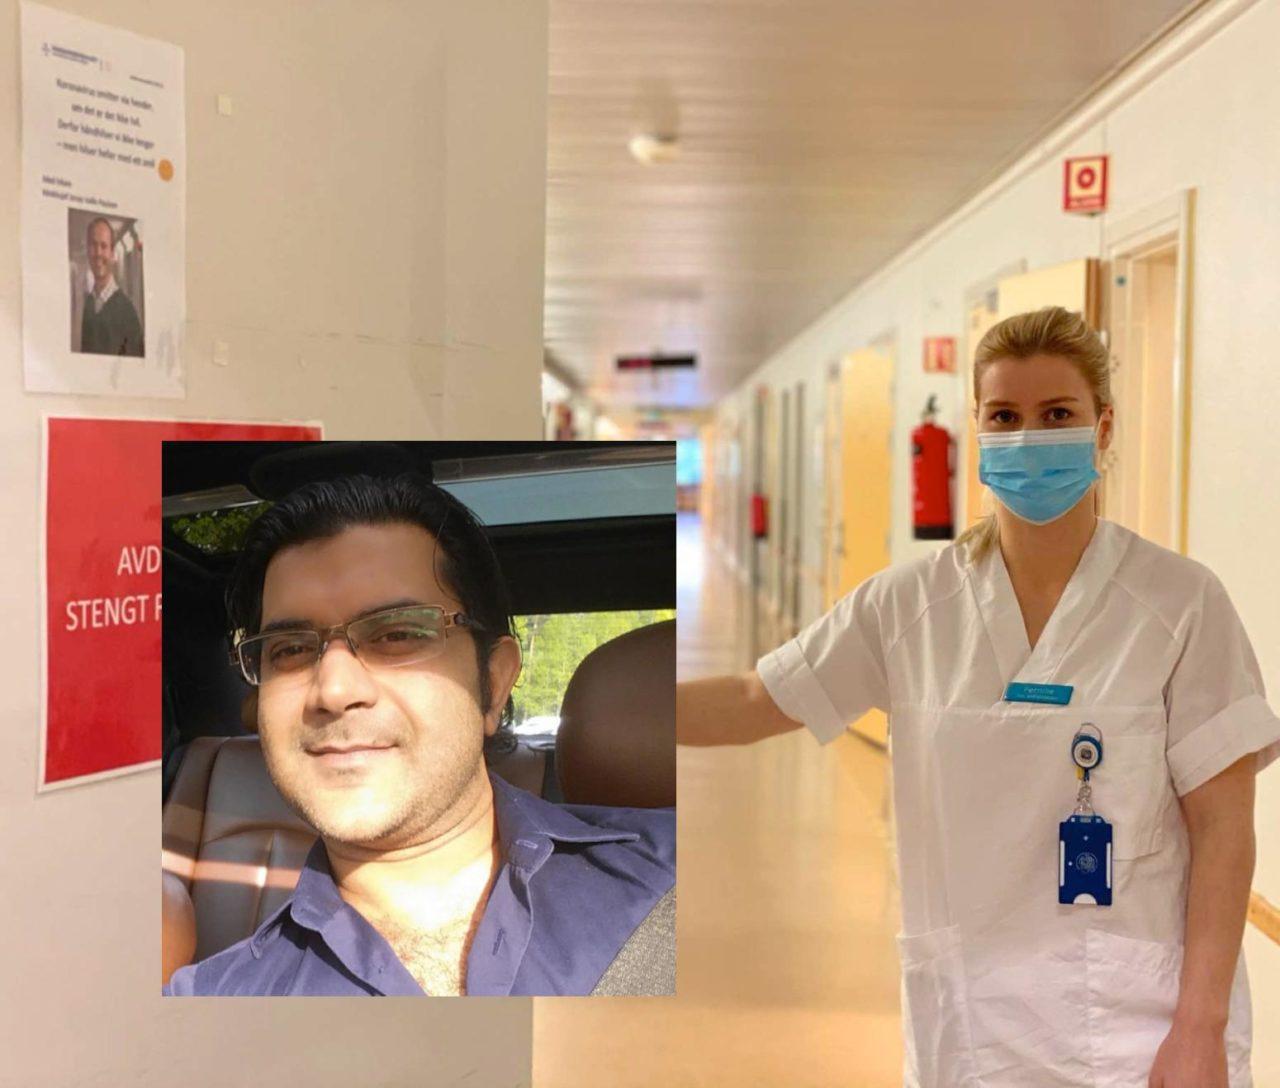 Sykepleier-stengt-avd-Hammerfest-sykehus-1280x1088.jpg